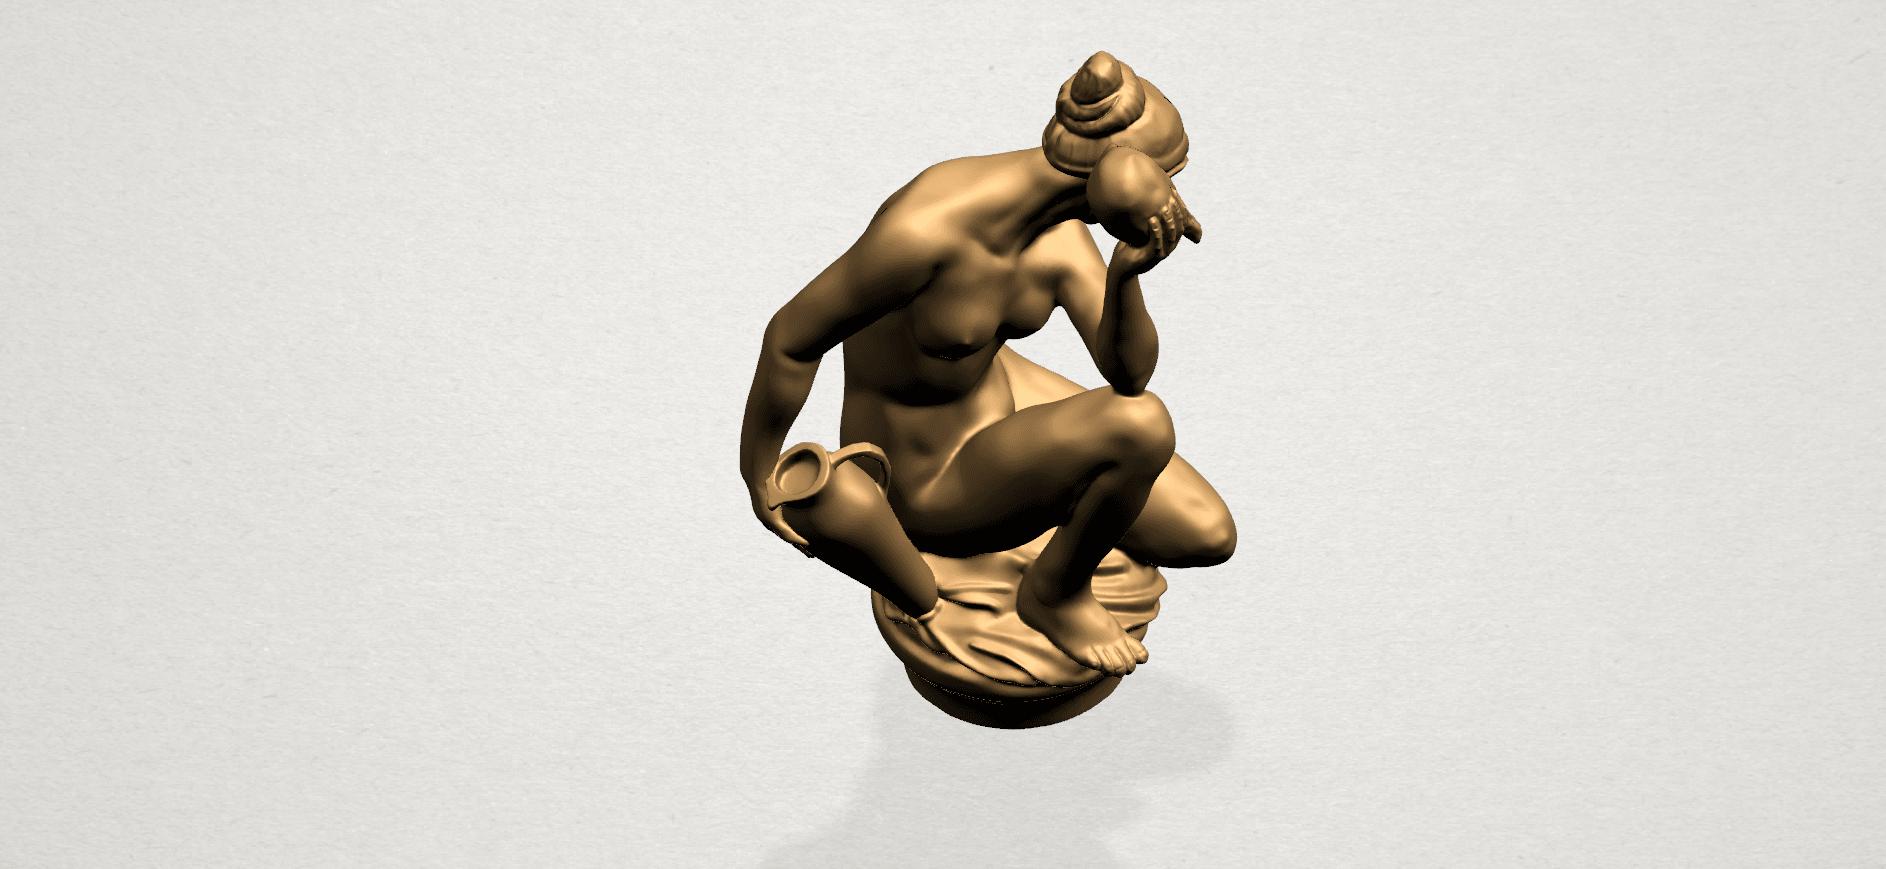 Naked Girl - With Pot - A09.png Télécharger fichier STL gratuit Fille Nue - Avec Pot • Modèle à imprimer en 3D, GeorgesNikkei